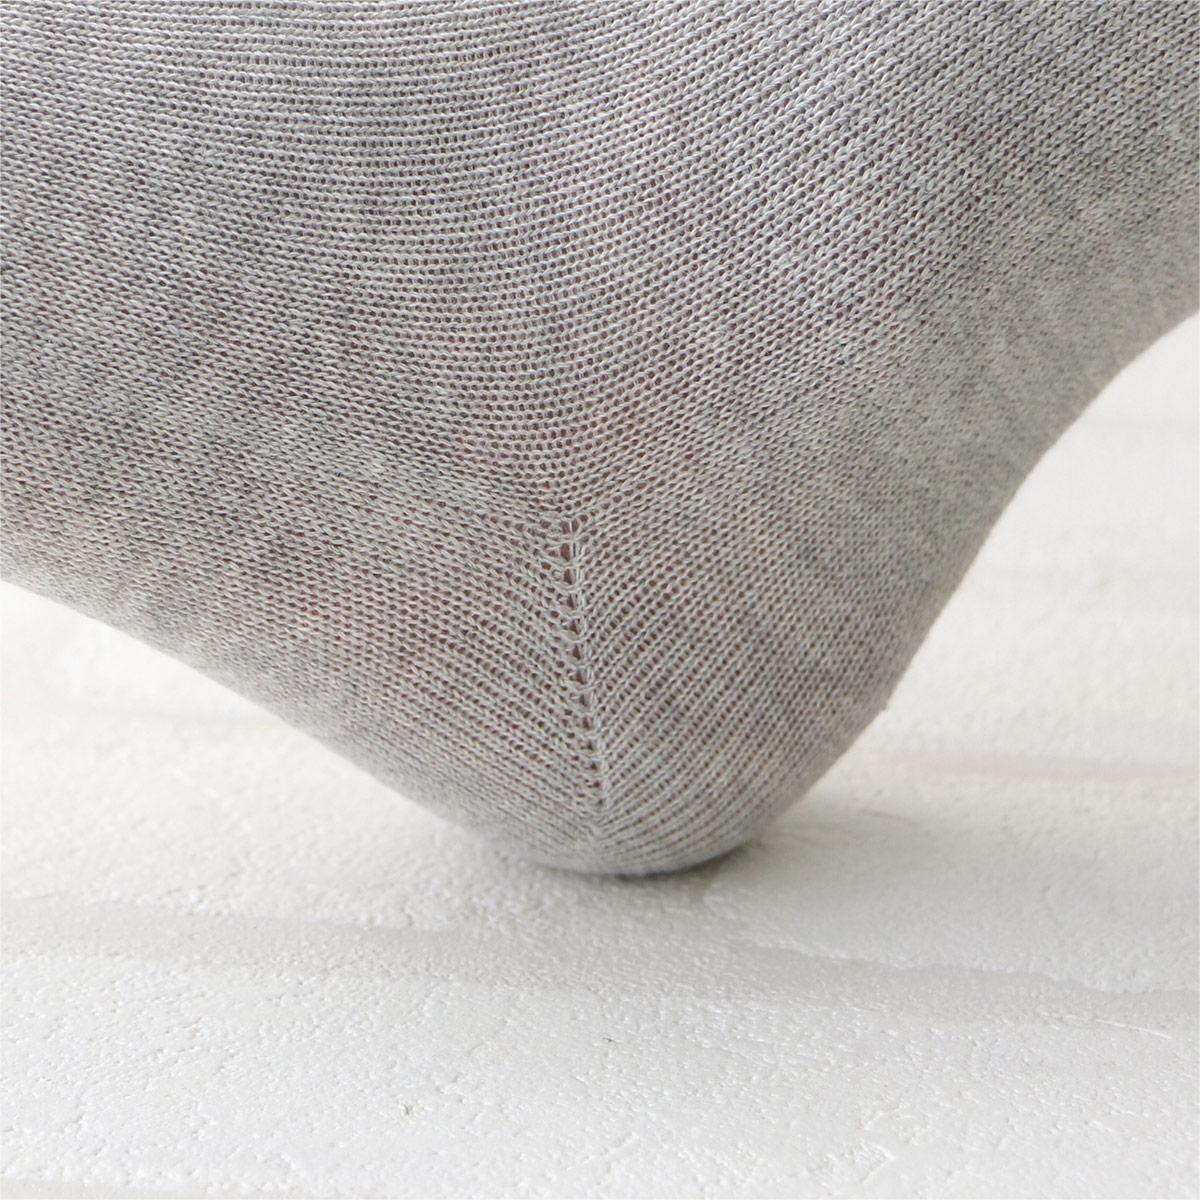 NAIGAI COMFORT ナイガイ コンフォート ホールガーメント 表糸 オーガニックコットン 5本指 ソックス  冷えとり 靴下 にも最適♪ レディス レッグソリューション 3022-240【ゆうパケット・4点まで】